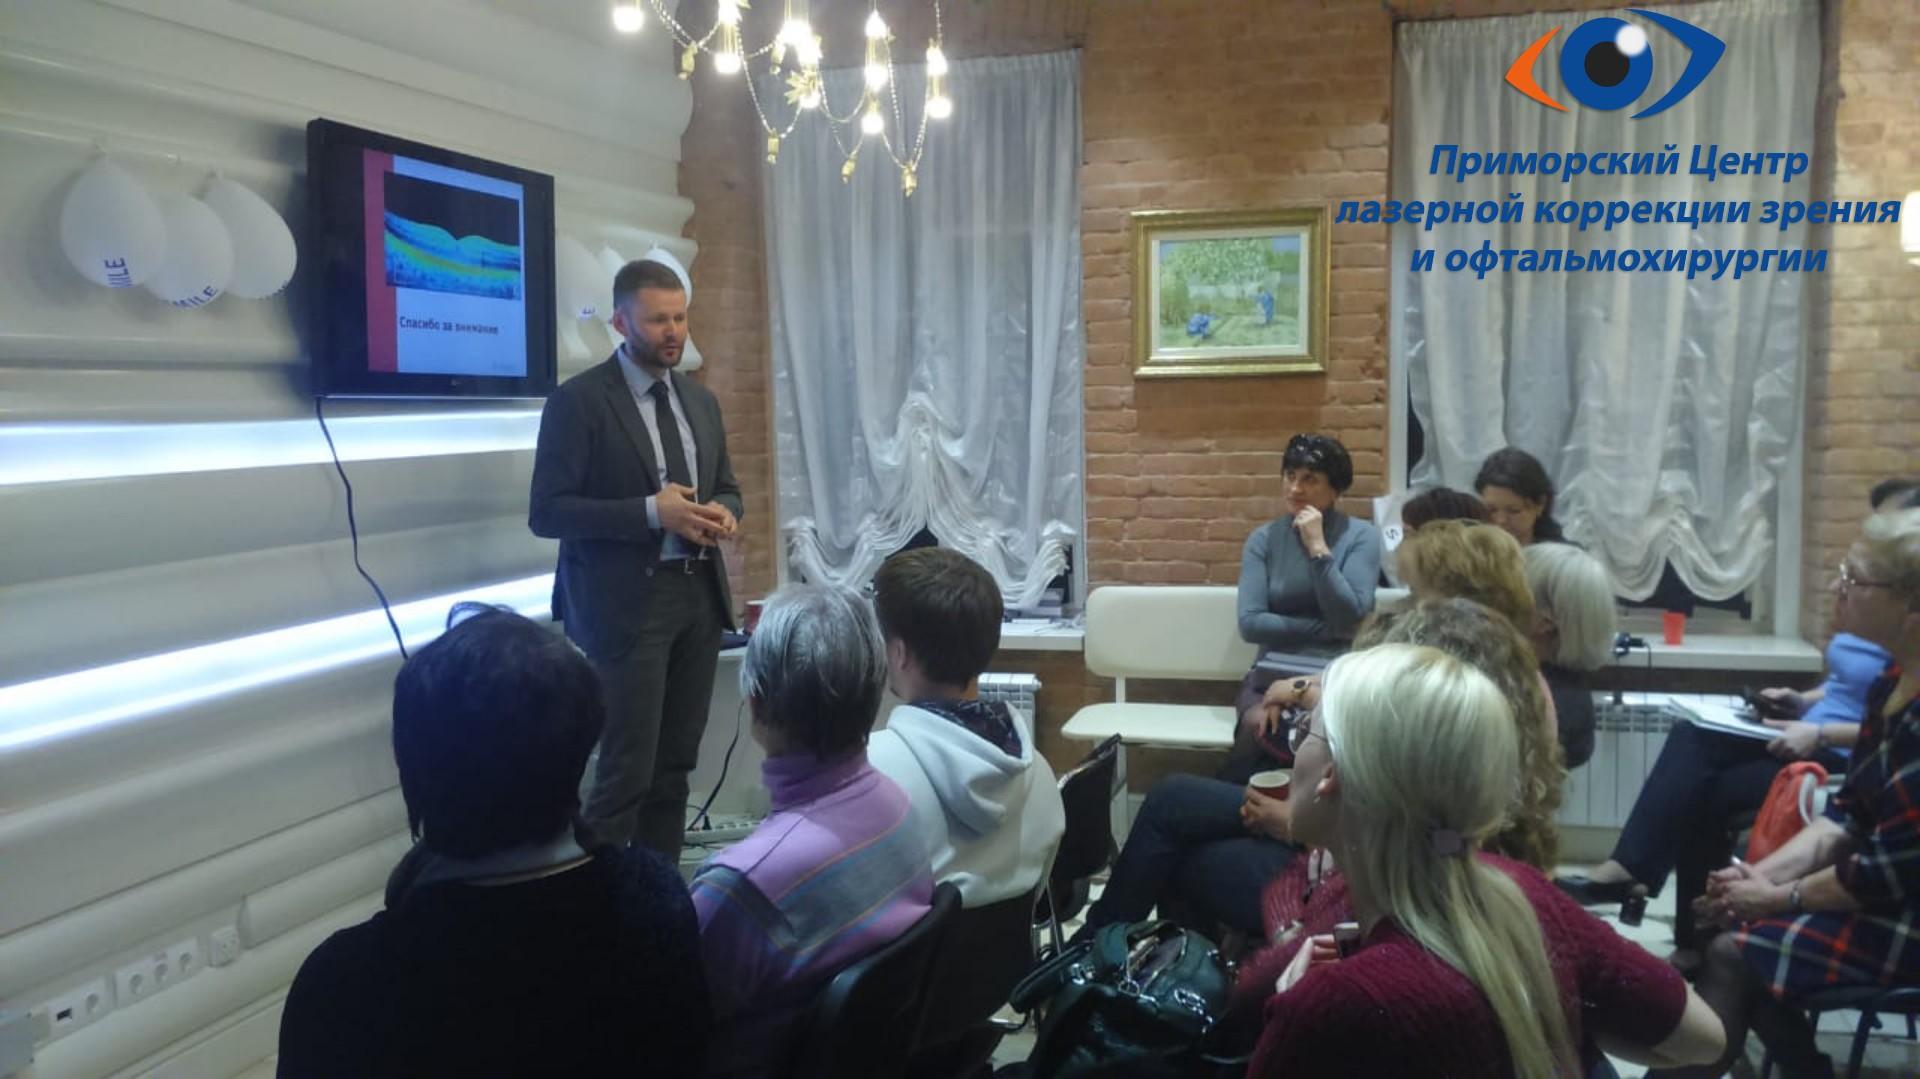 Доклад врача-офтальмохирурга высшей квалификационной категории Бурия В. В. для ведущих специалистов в области офтальмологии Приморского края